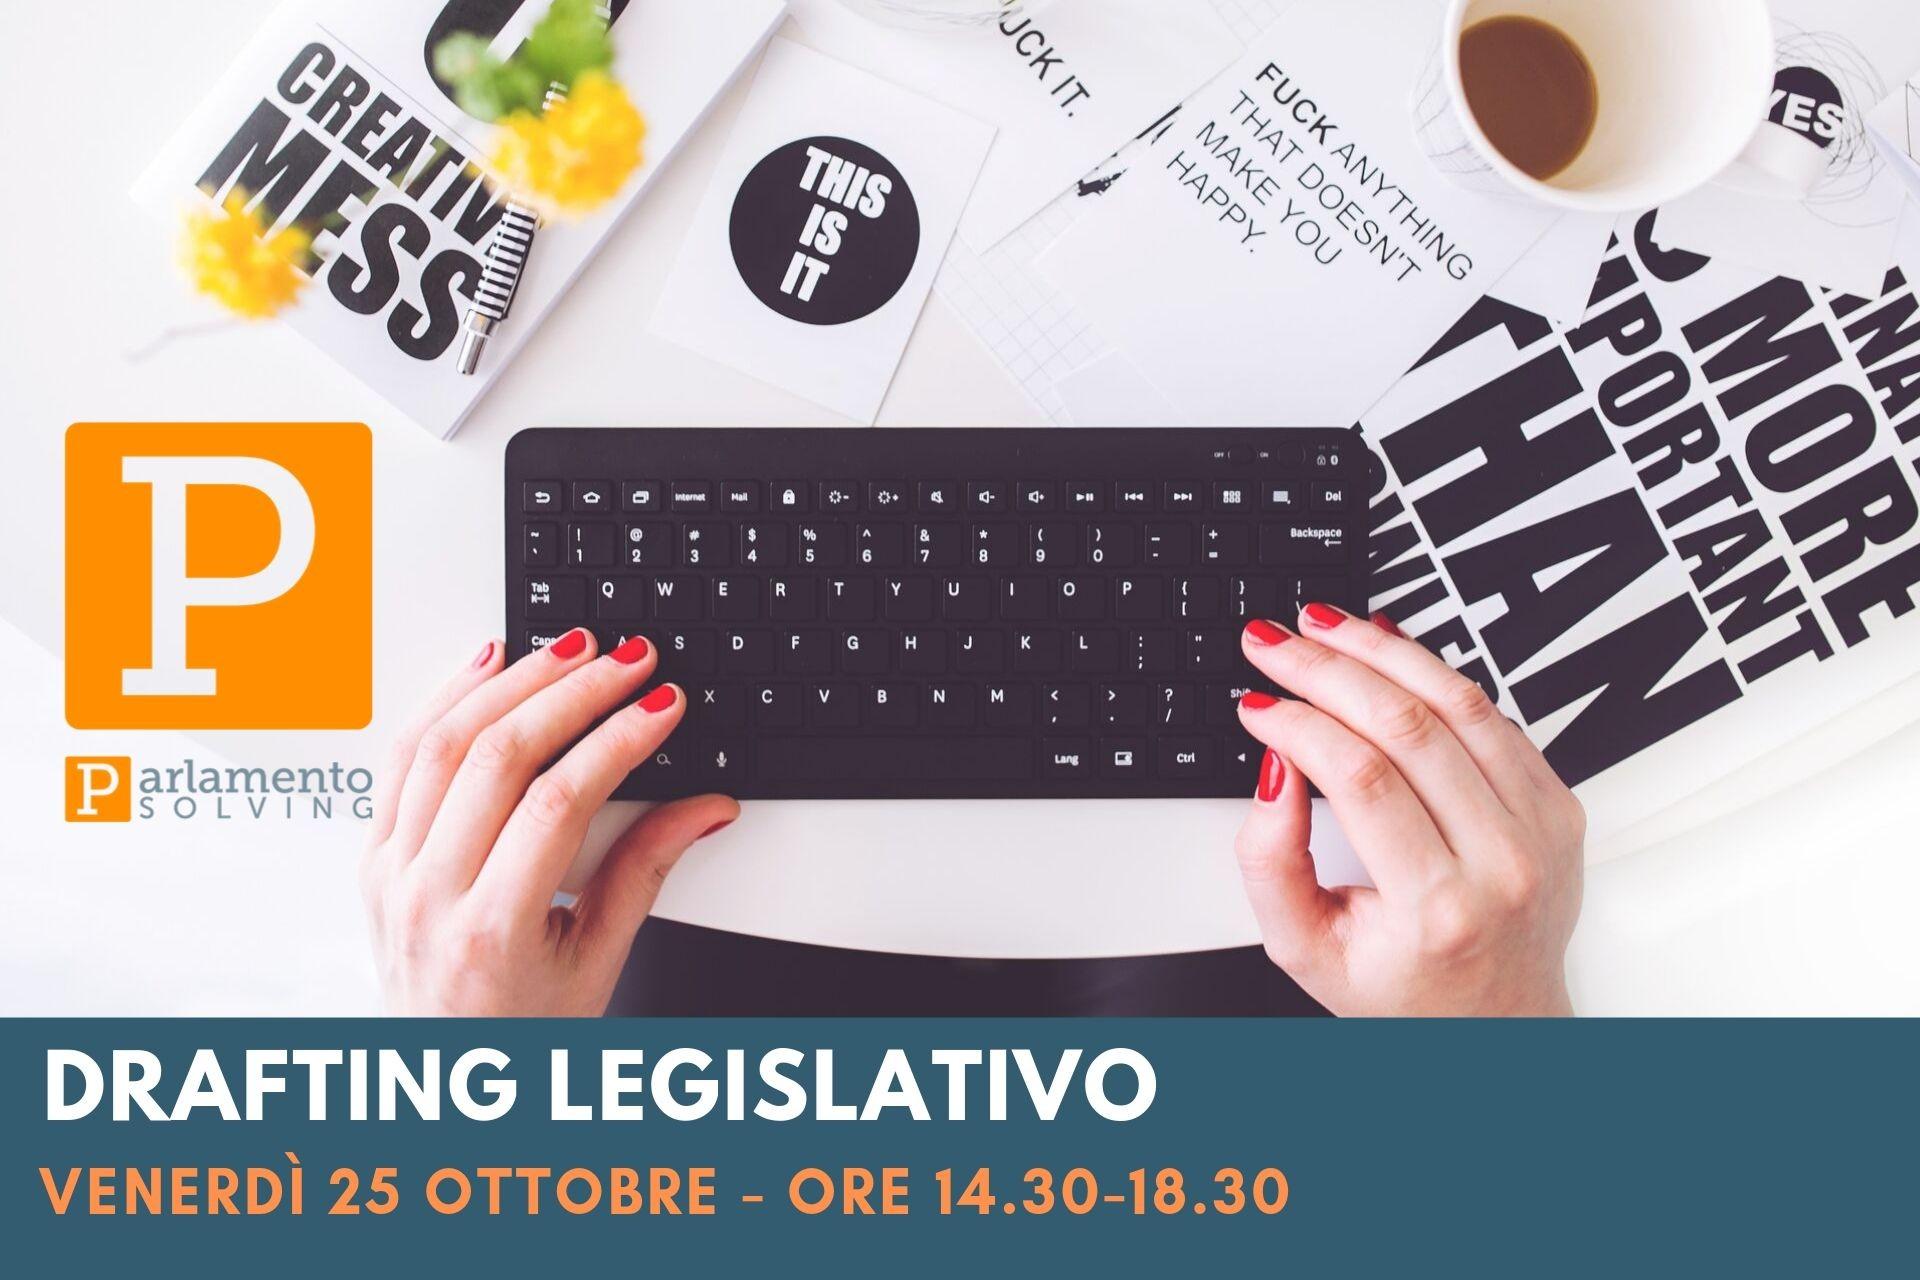 drafting legislativo e sessione su bilancio